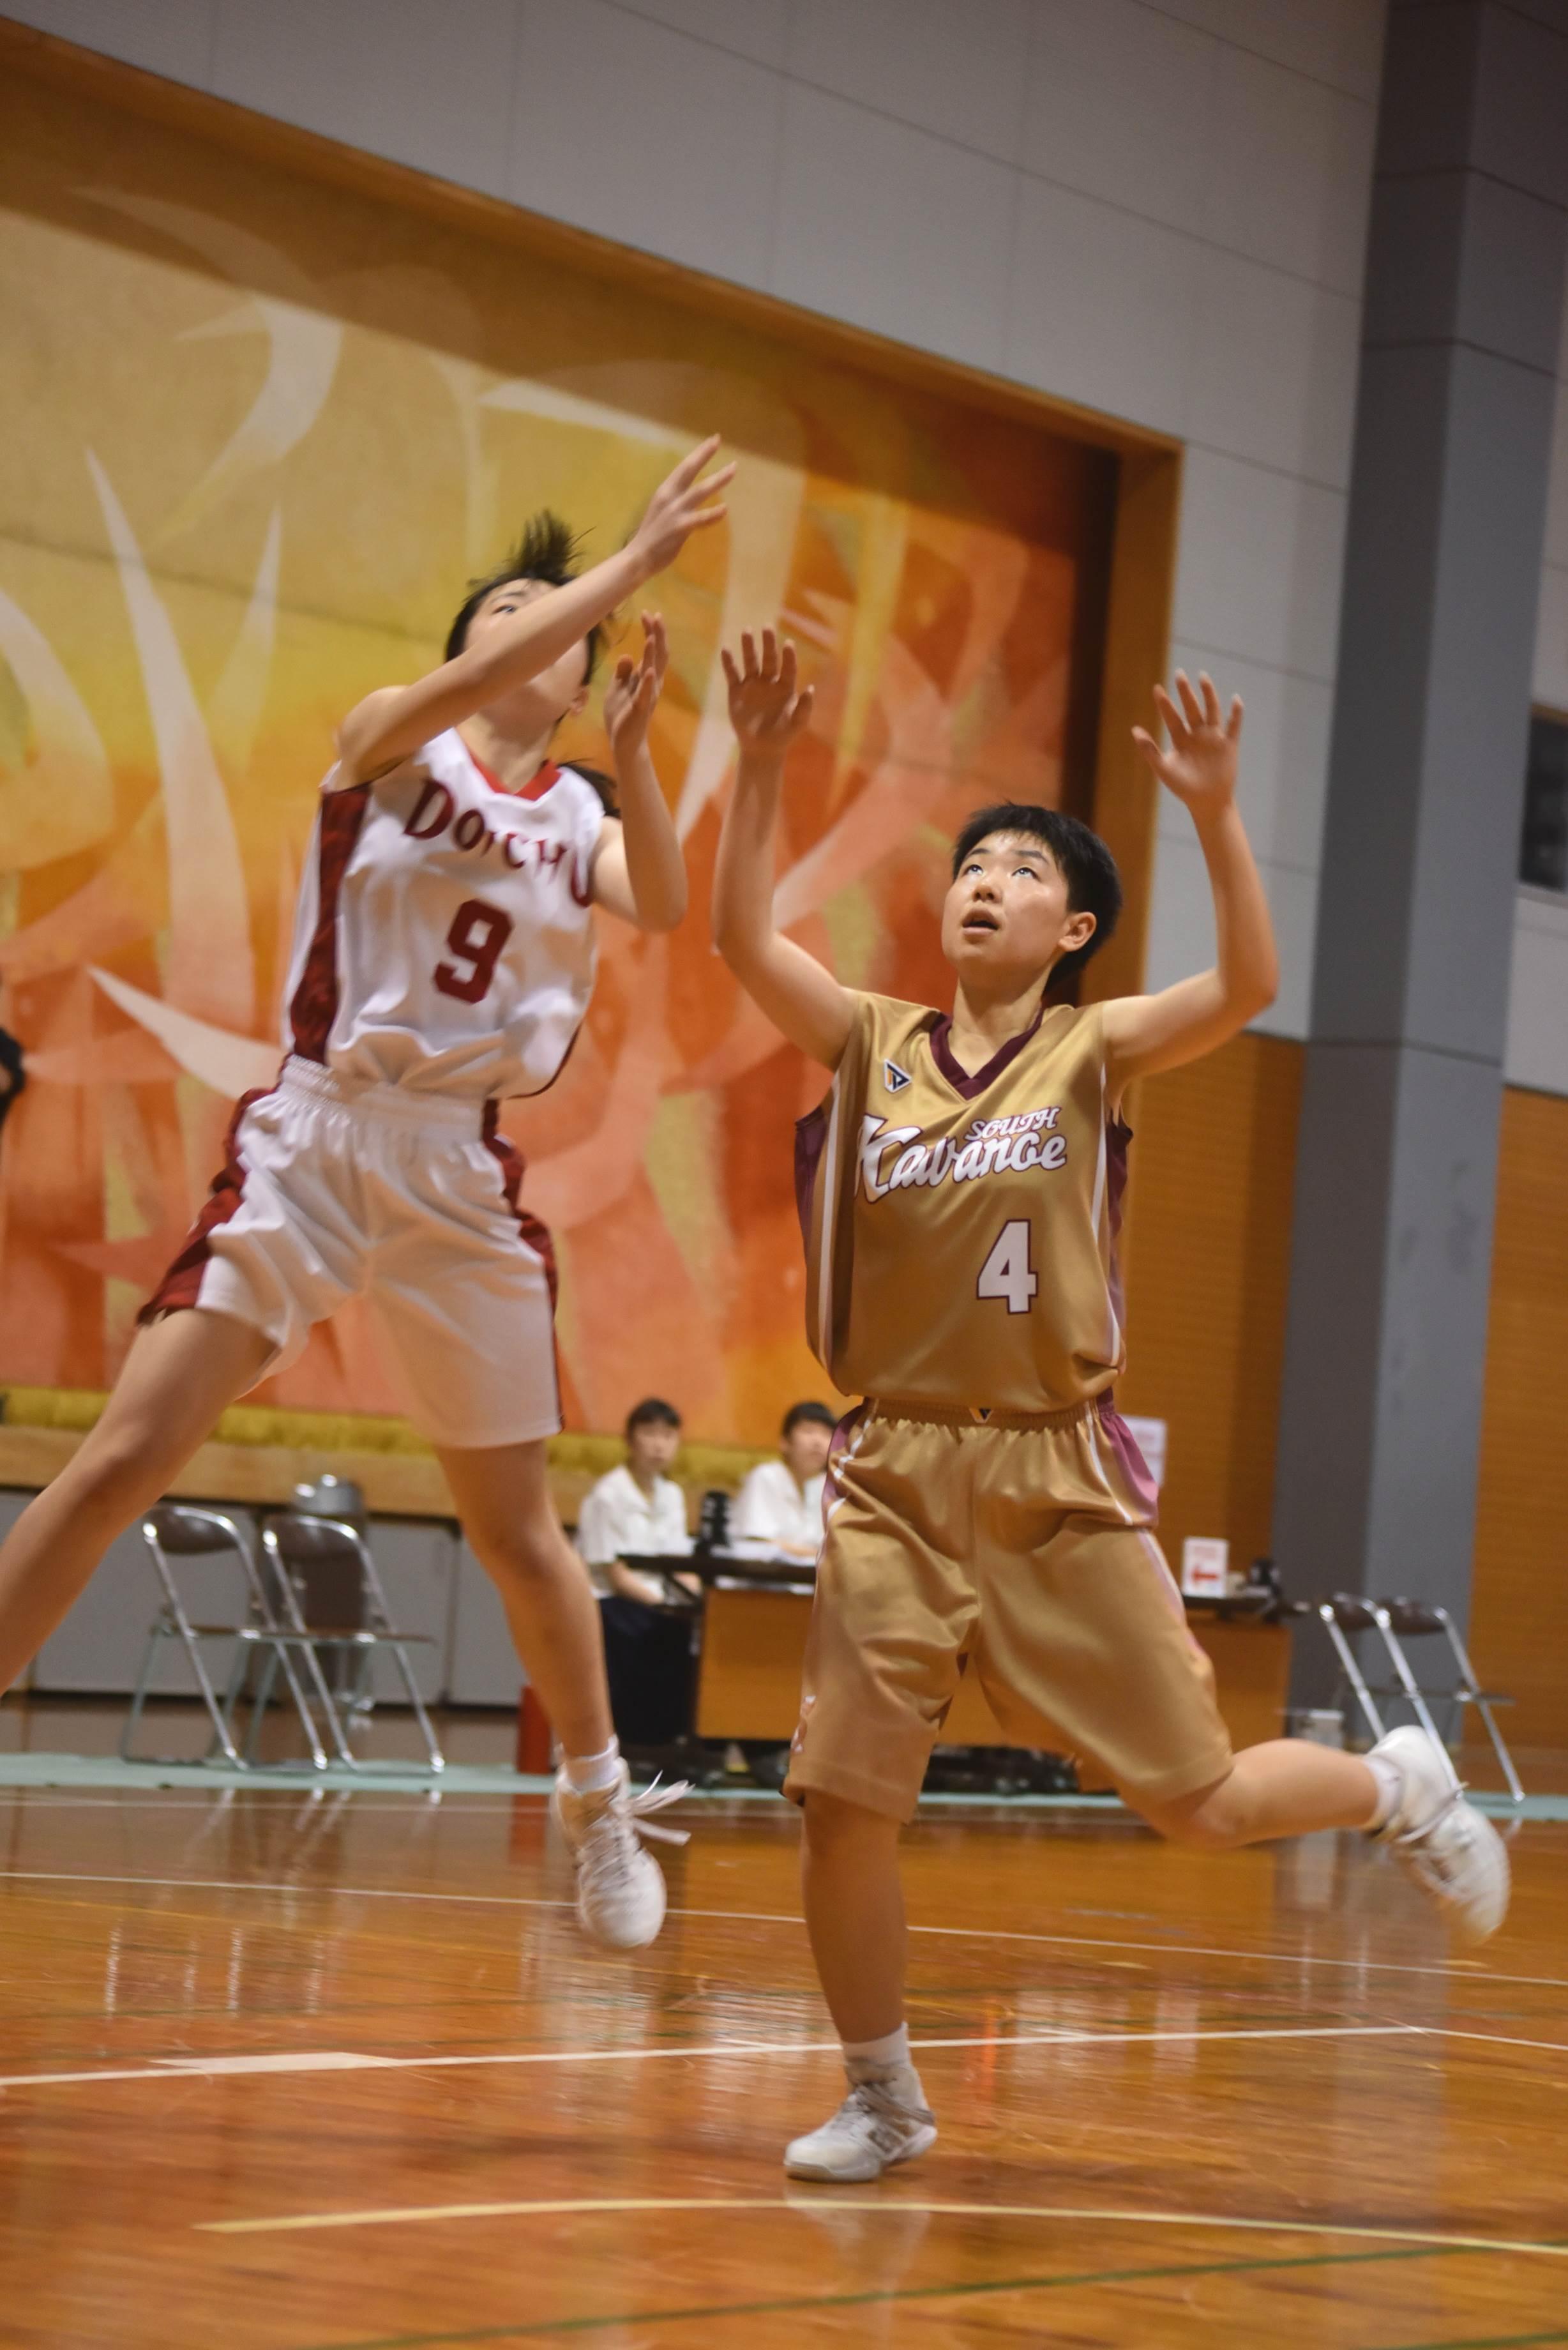 バスケットボール (158)